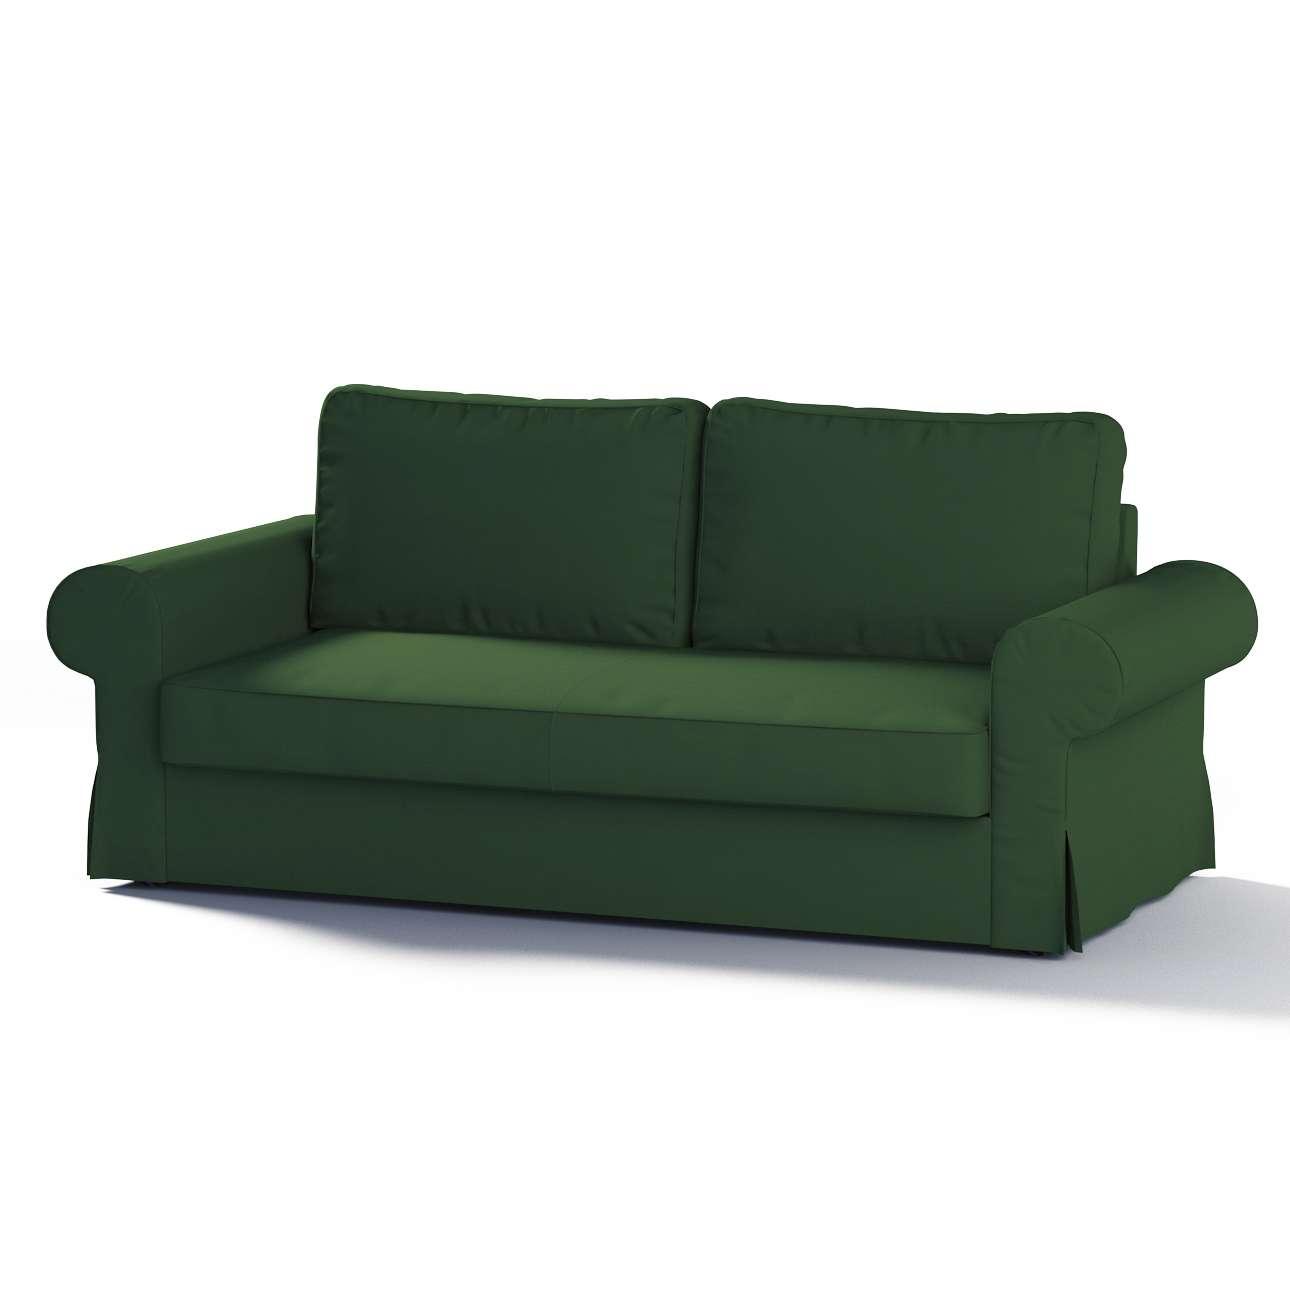 Pokrowiec na sofę Backabro 3-osobową rozkładaną sofa Backabro 3-osobowa rozkładana w kolekcji Cotton Panama, tkanina: 702-06